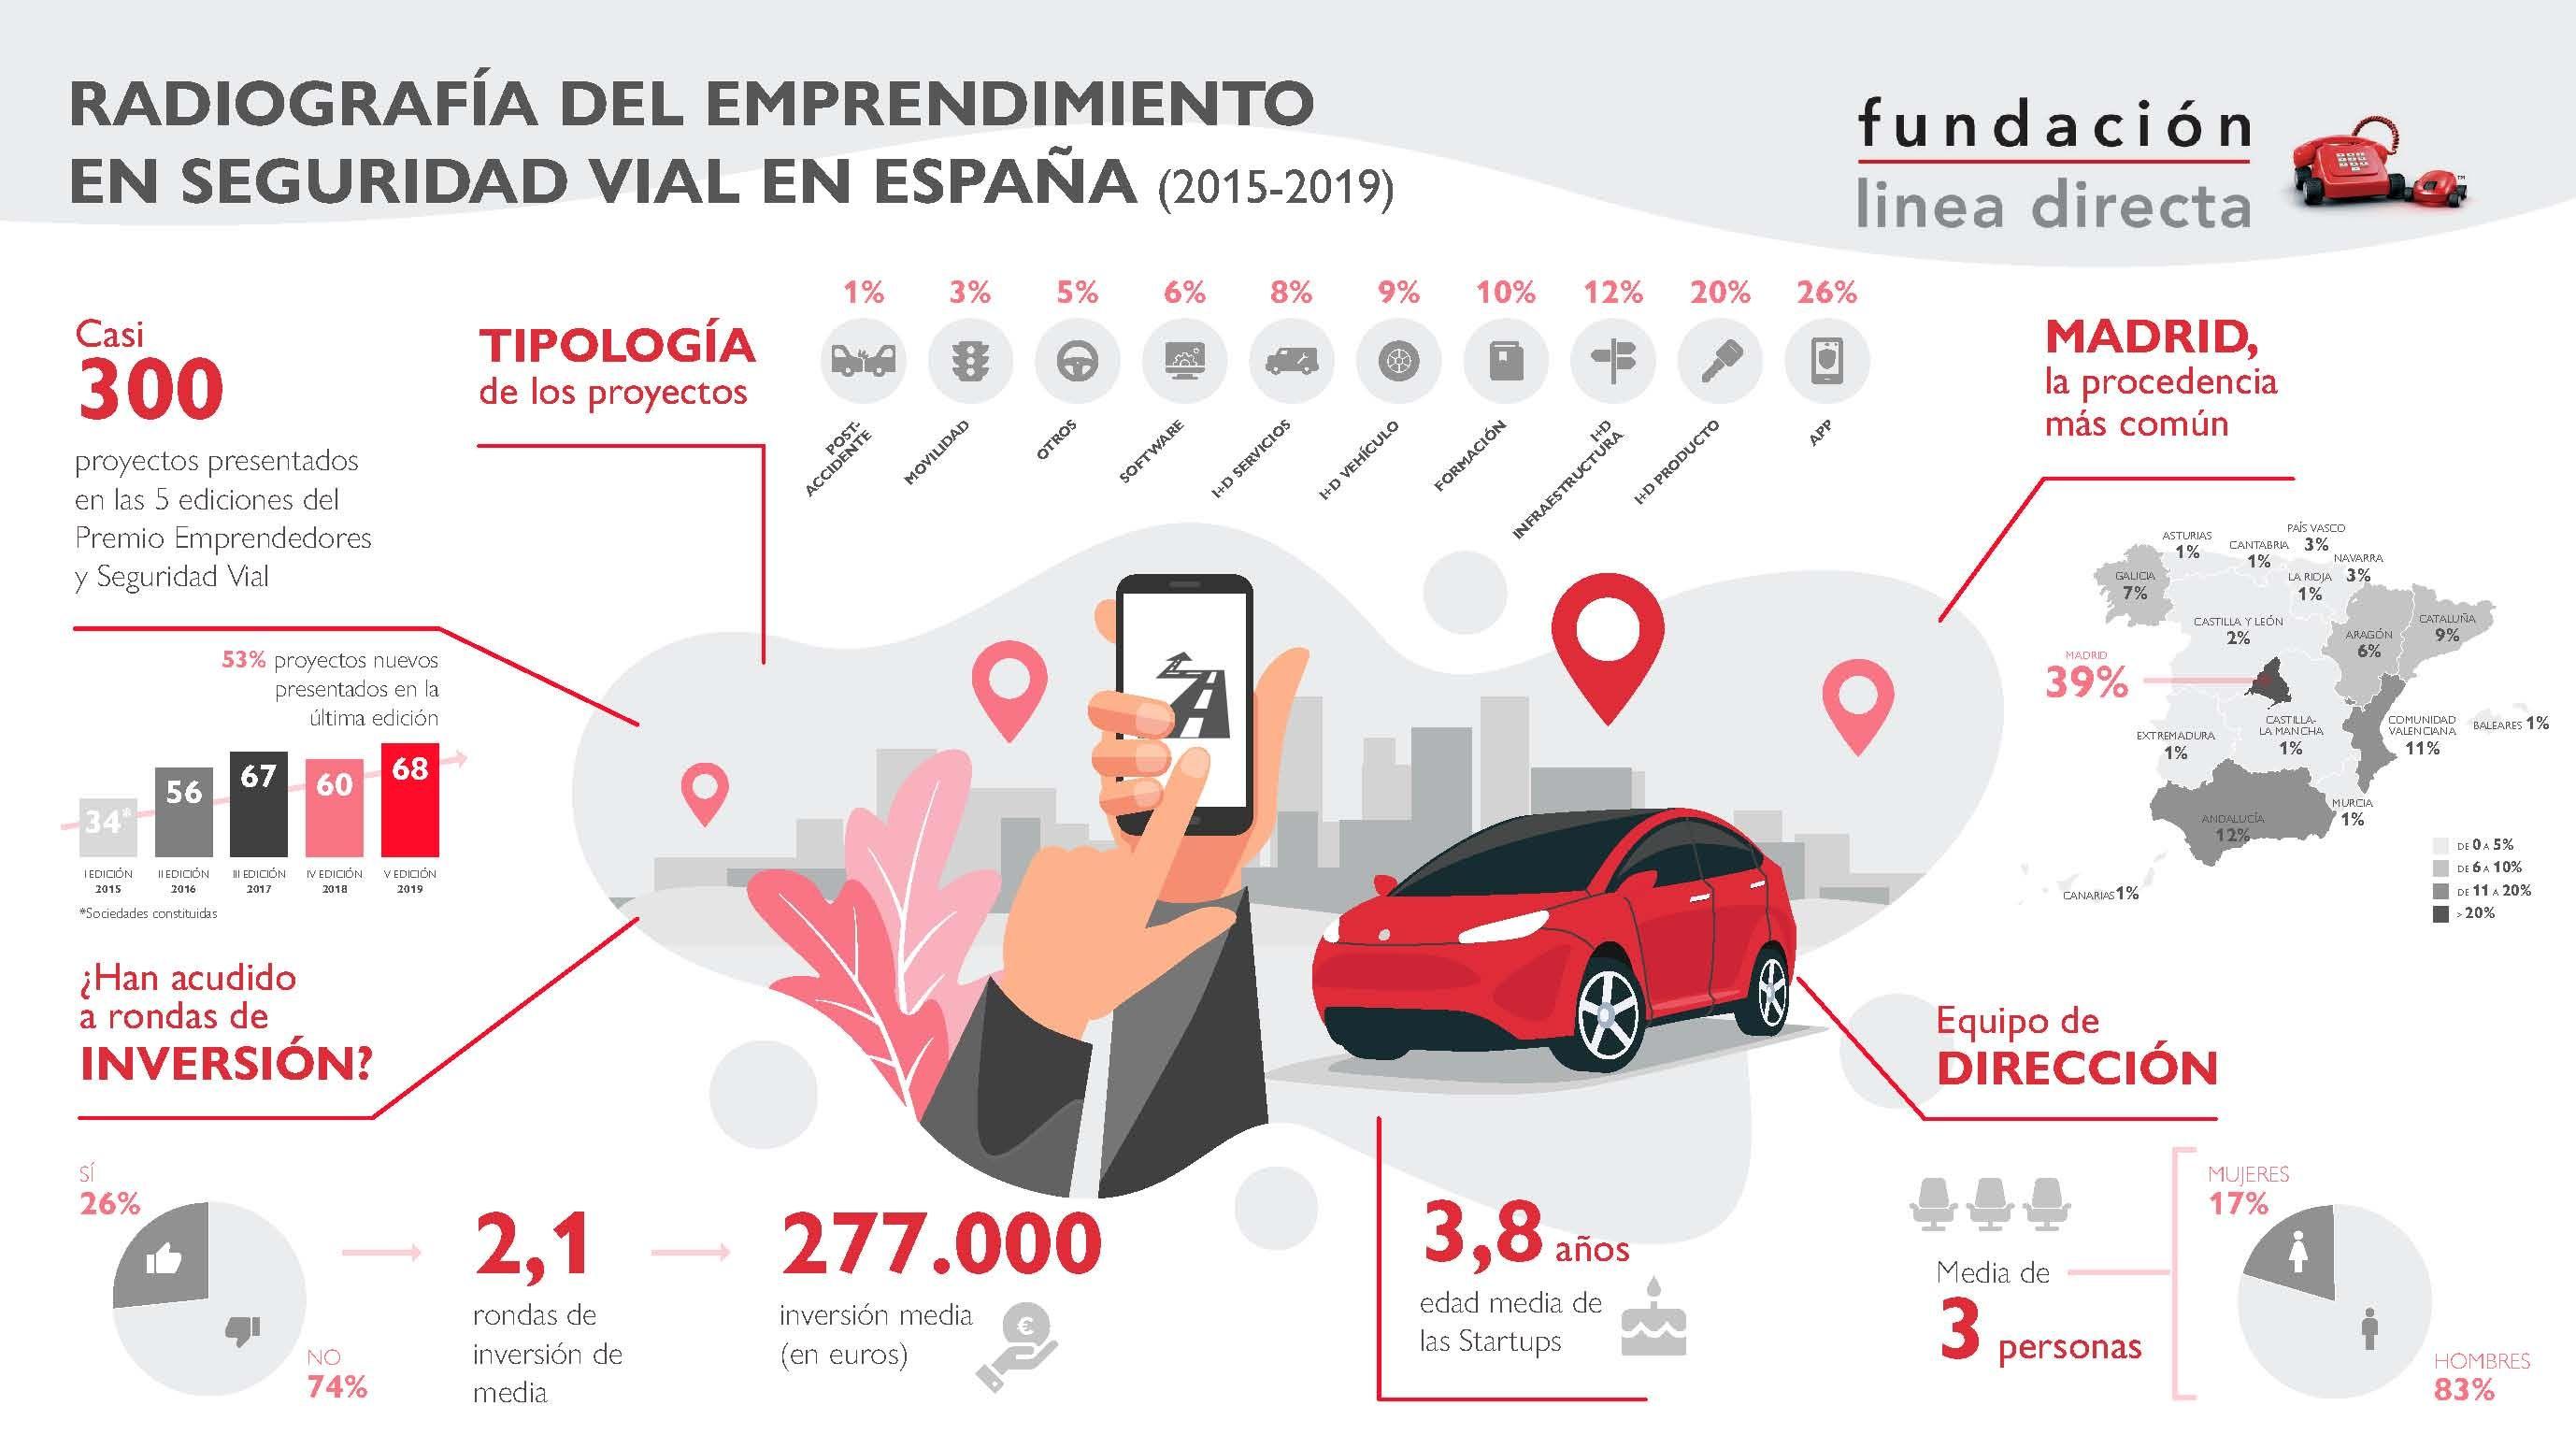 Foto de Radiografía del Emprendimiento en Seguridad Vial en España